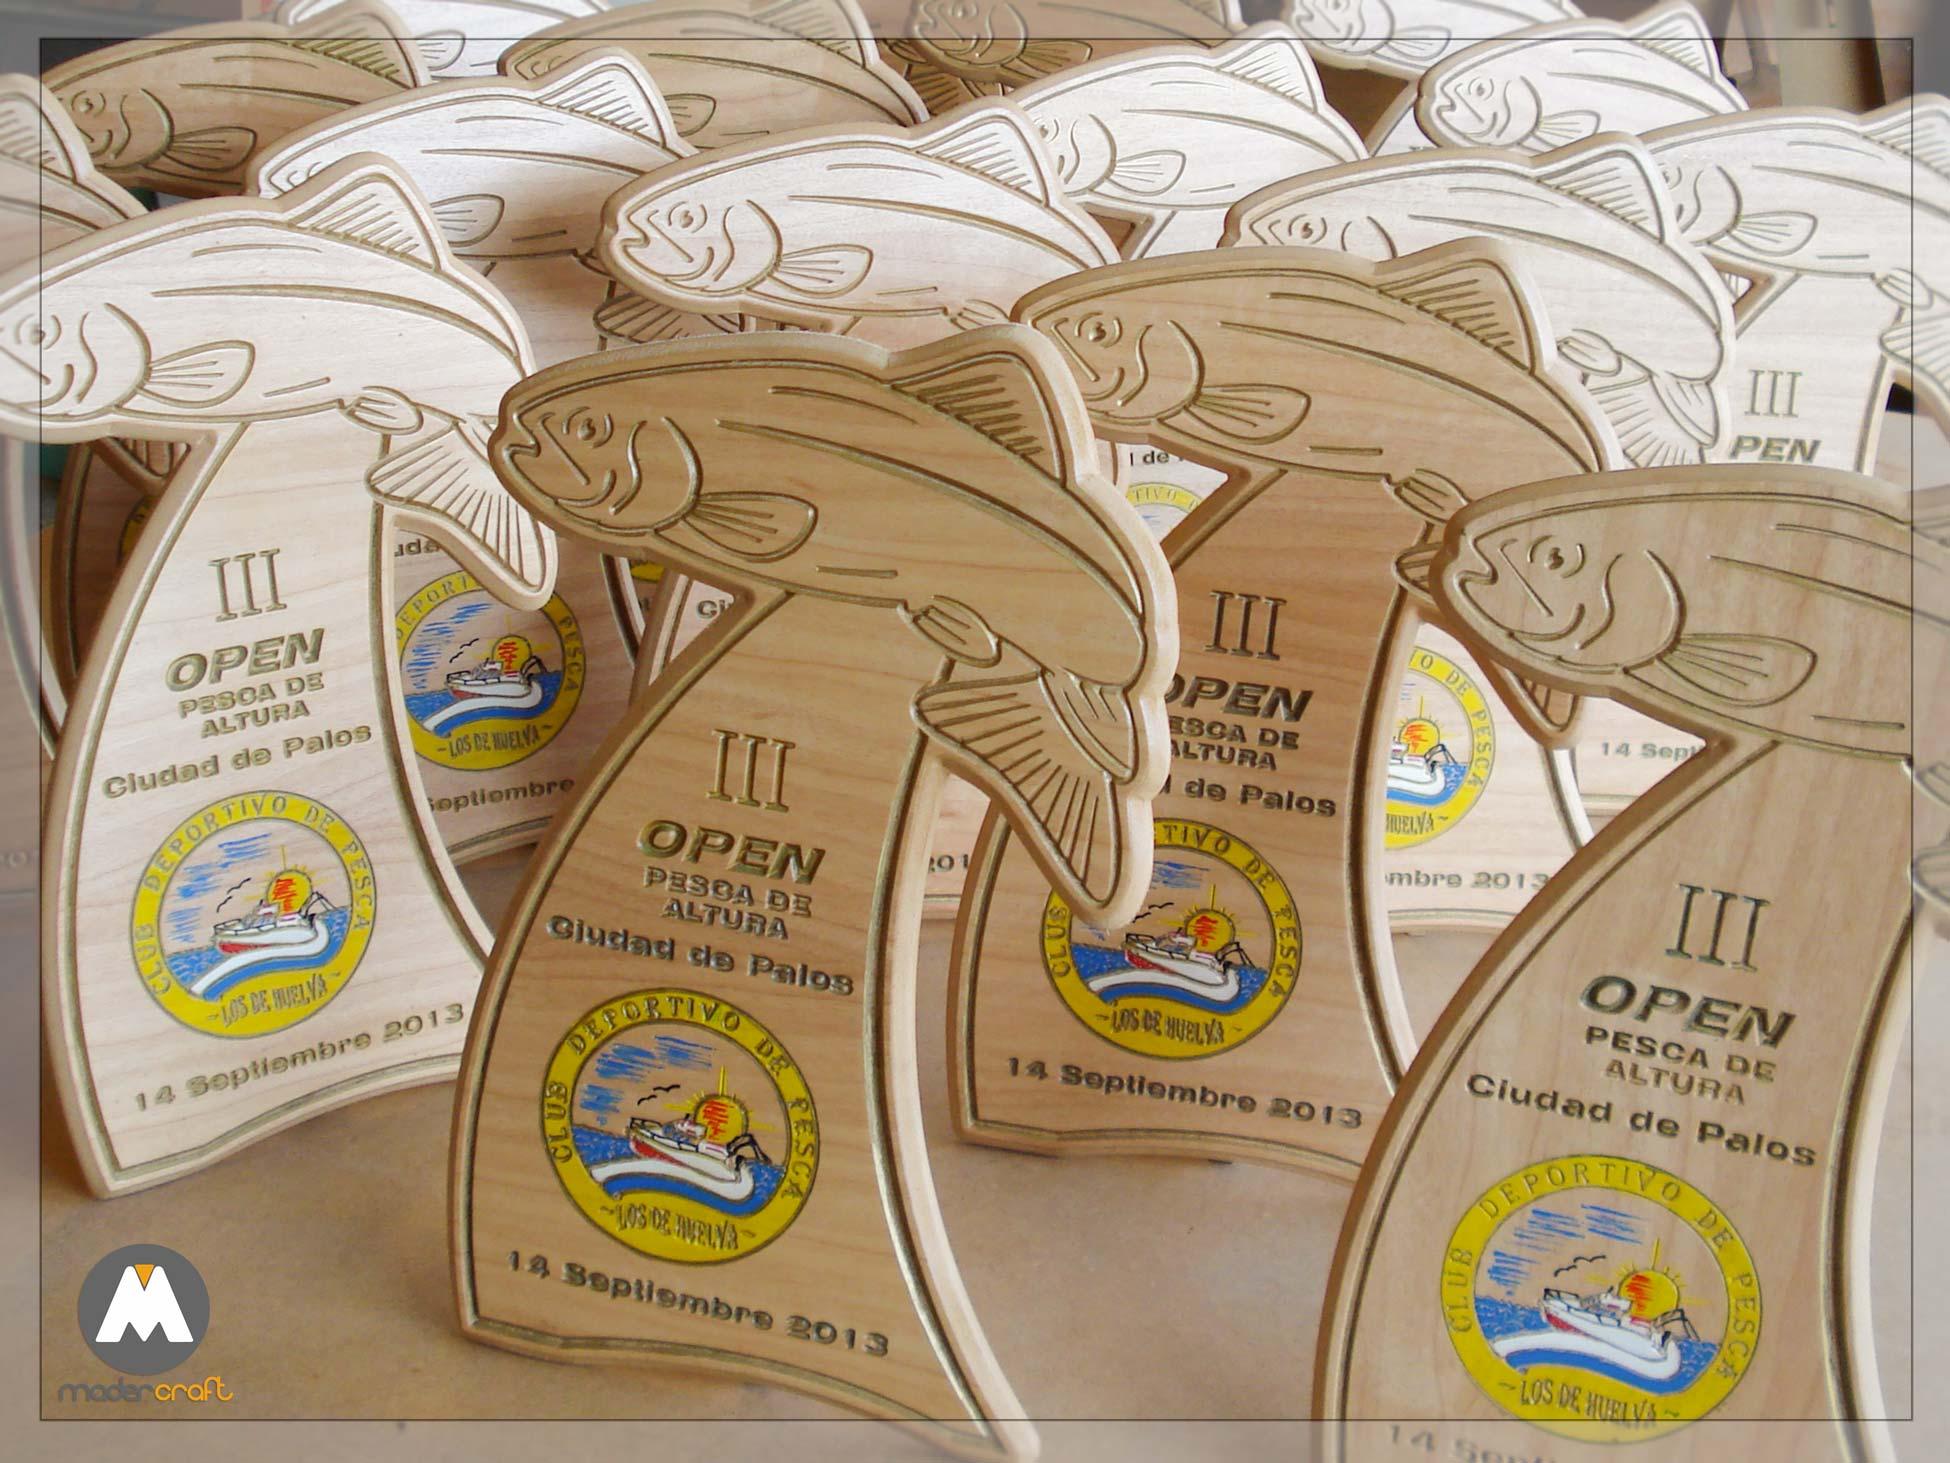 Placa Madera Deportiva Pesca de Altura Ciudad de Palos de la Frontera. Trofeo. Club deportivo Agradecimiento Homenaje. Barco playa verano pescado vela open.